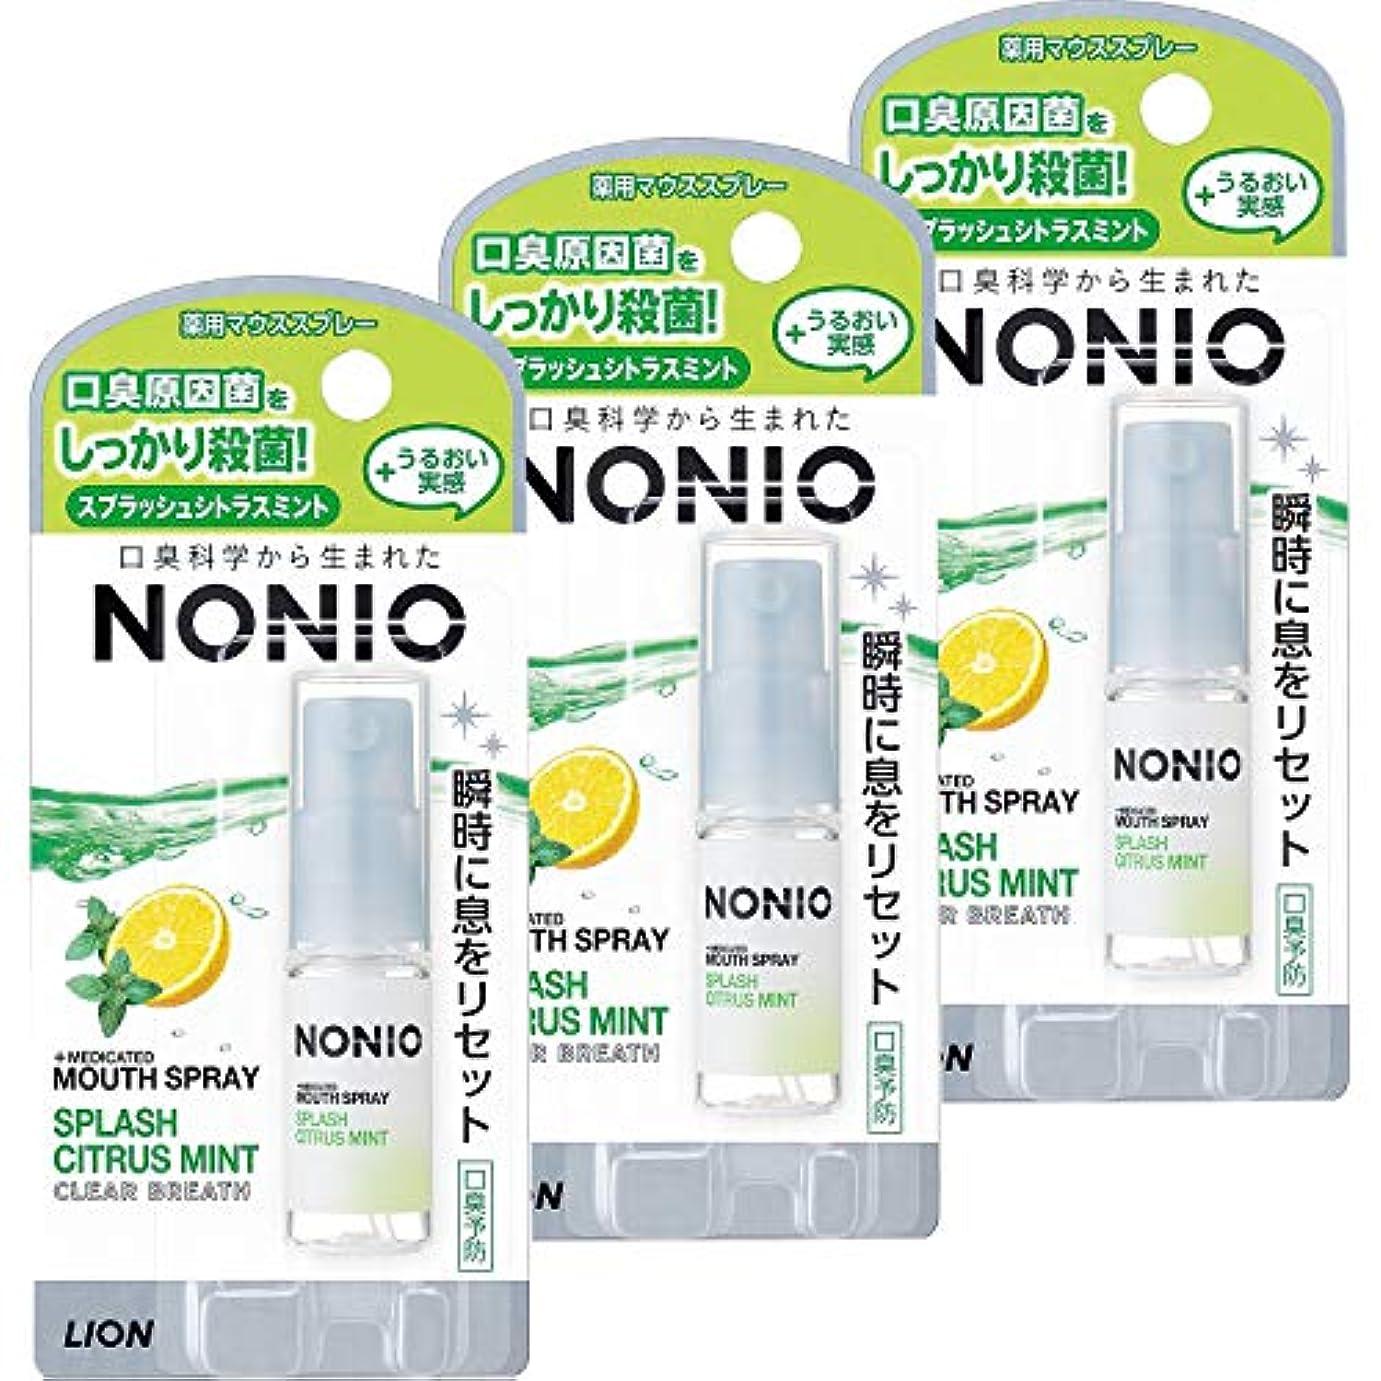 発見するうなるお気に入り[医薬部外品]NONIO マウススプレー スプラッシュシトラスミント 5ml×3個 (口中清涼剤)